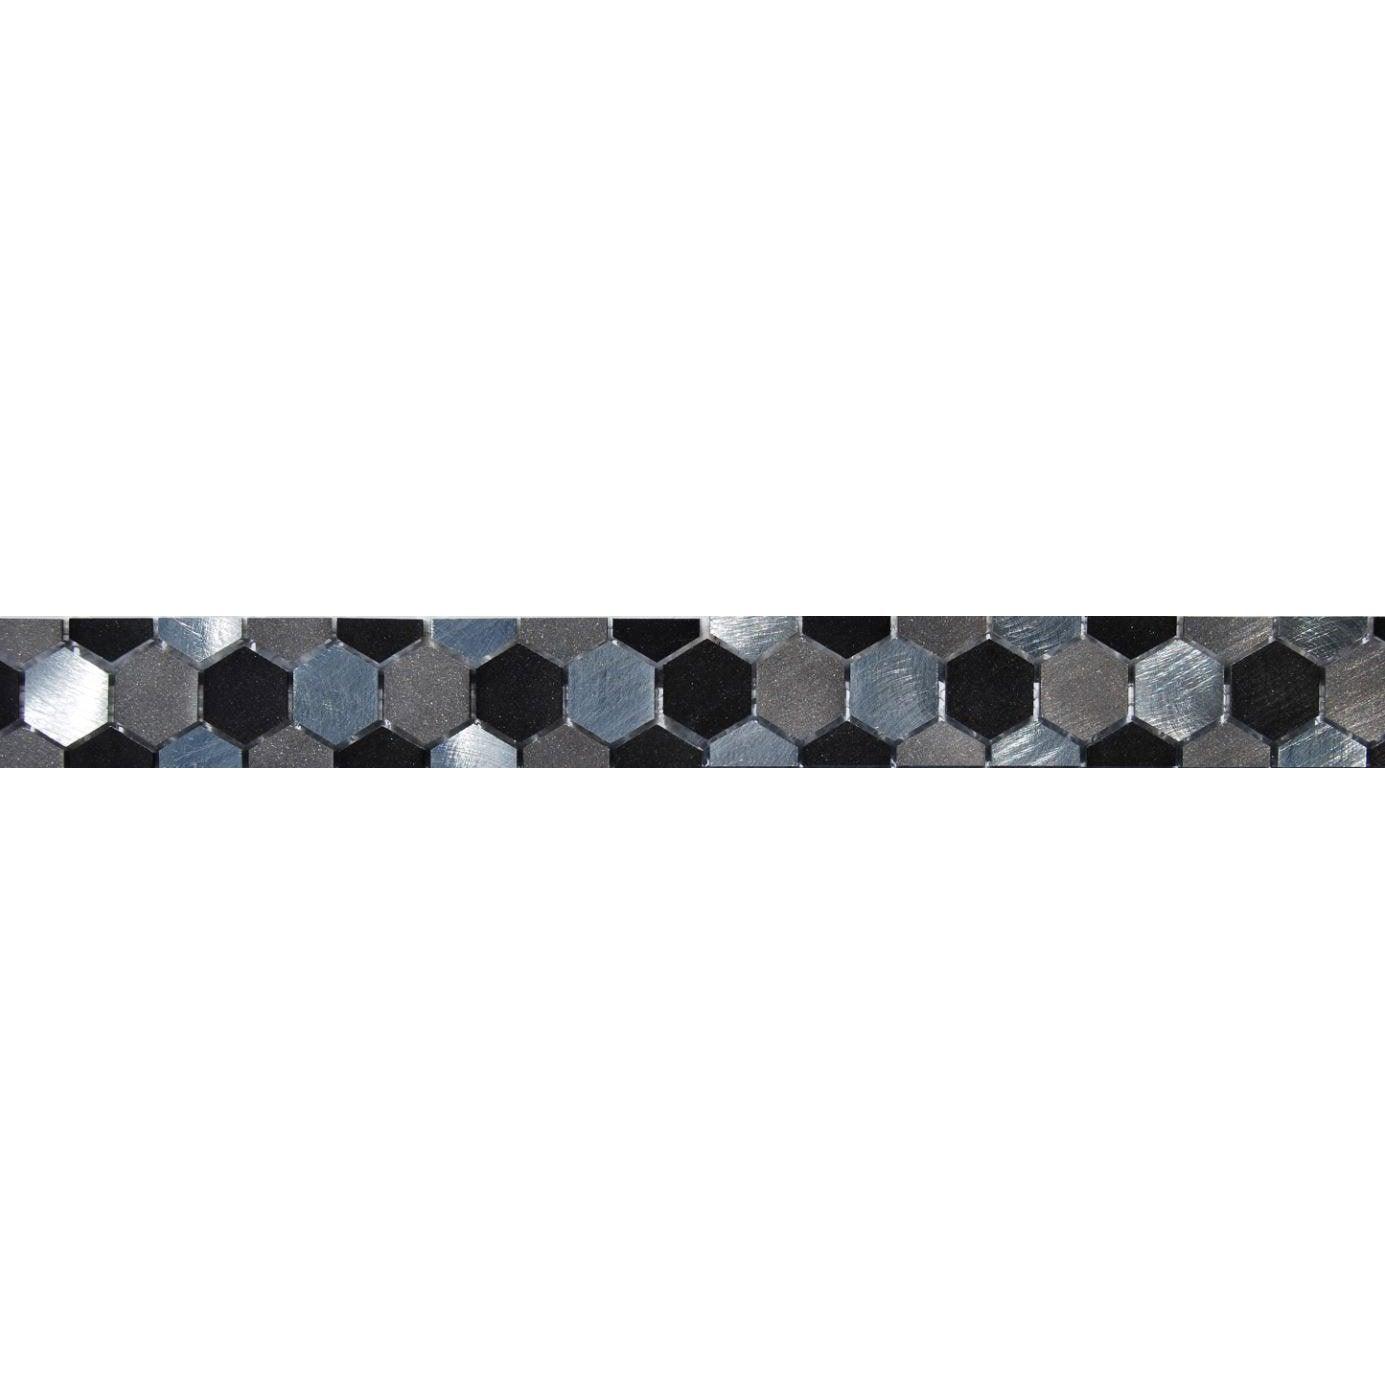 Frise techno polygone gris l 5 5 x cm leroy merlin - Leroy merlin frise adhesive ...